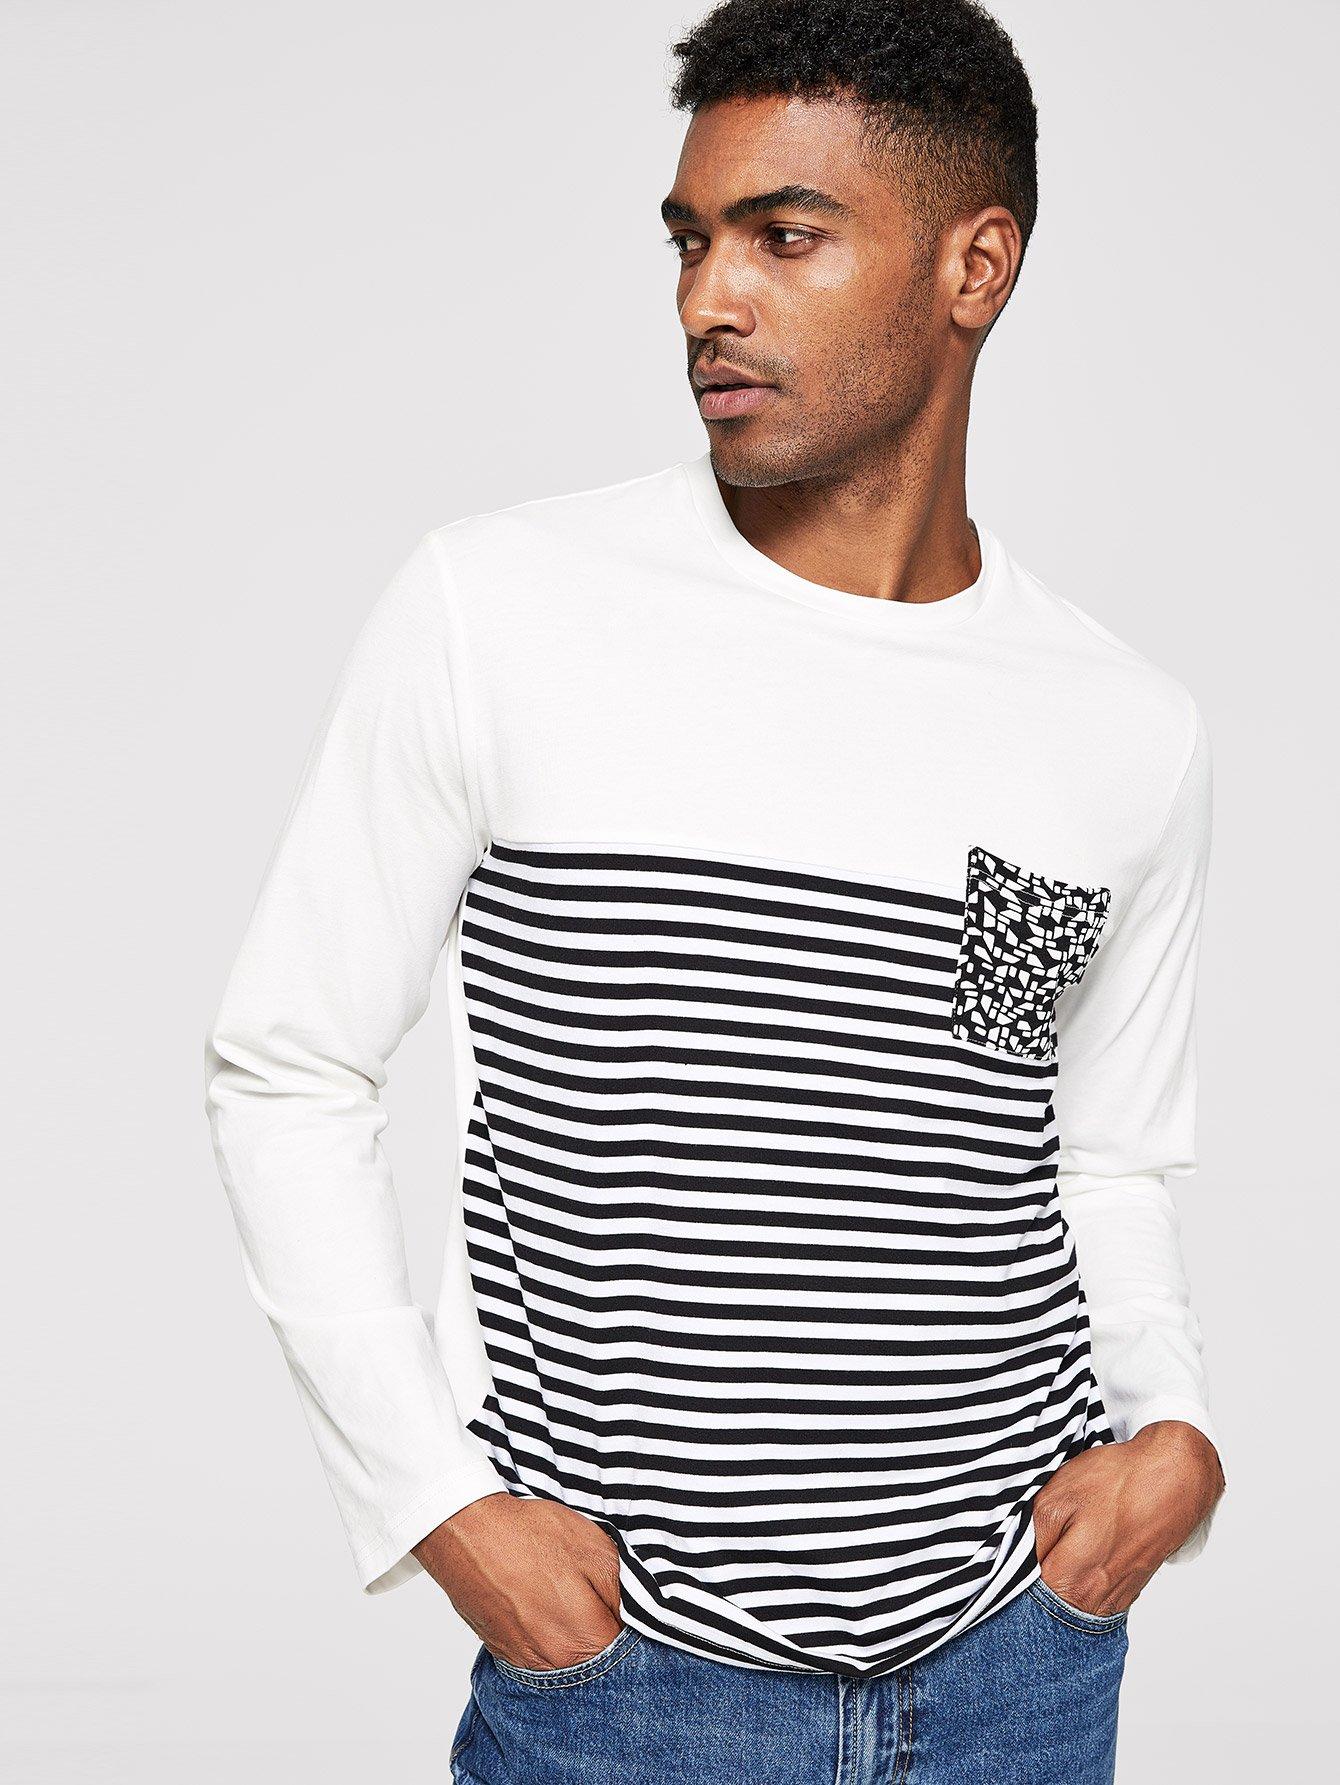 Купить Мужская футболка в полоску с карманом, Johnn Silva, SheIn